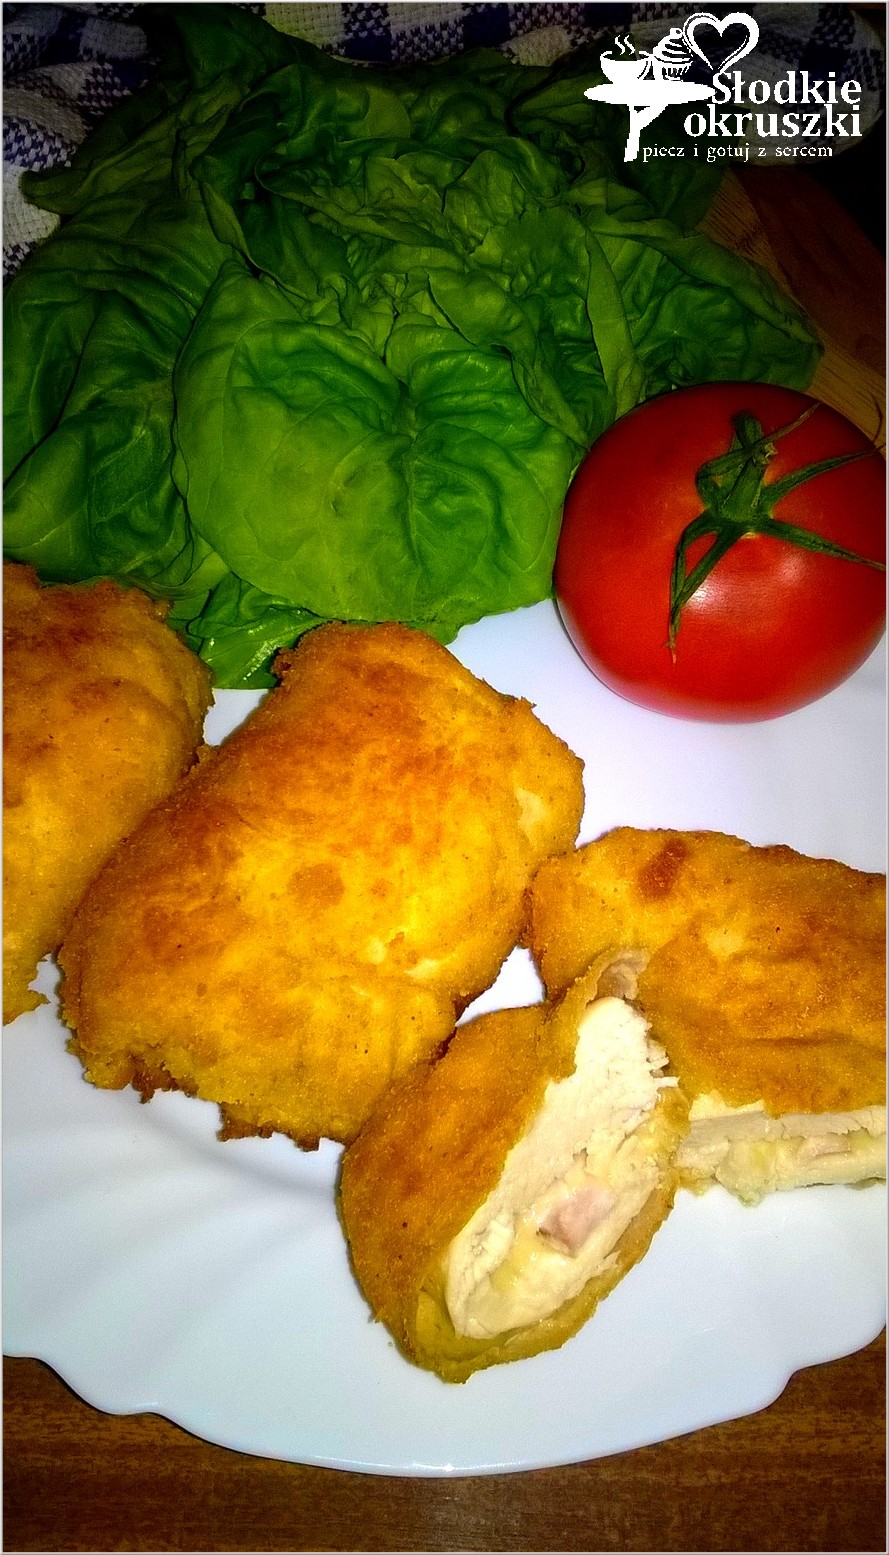 Szybki obiad. Roladki z kurczaka nadziane serem i wędliną.